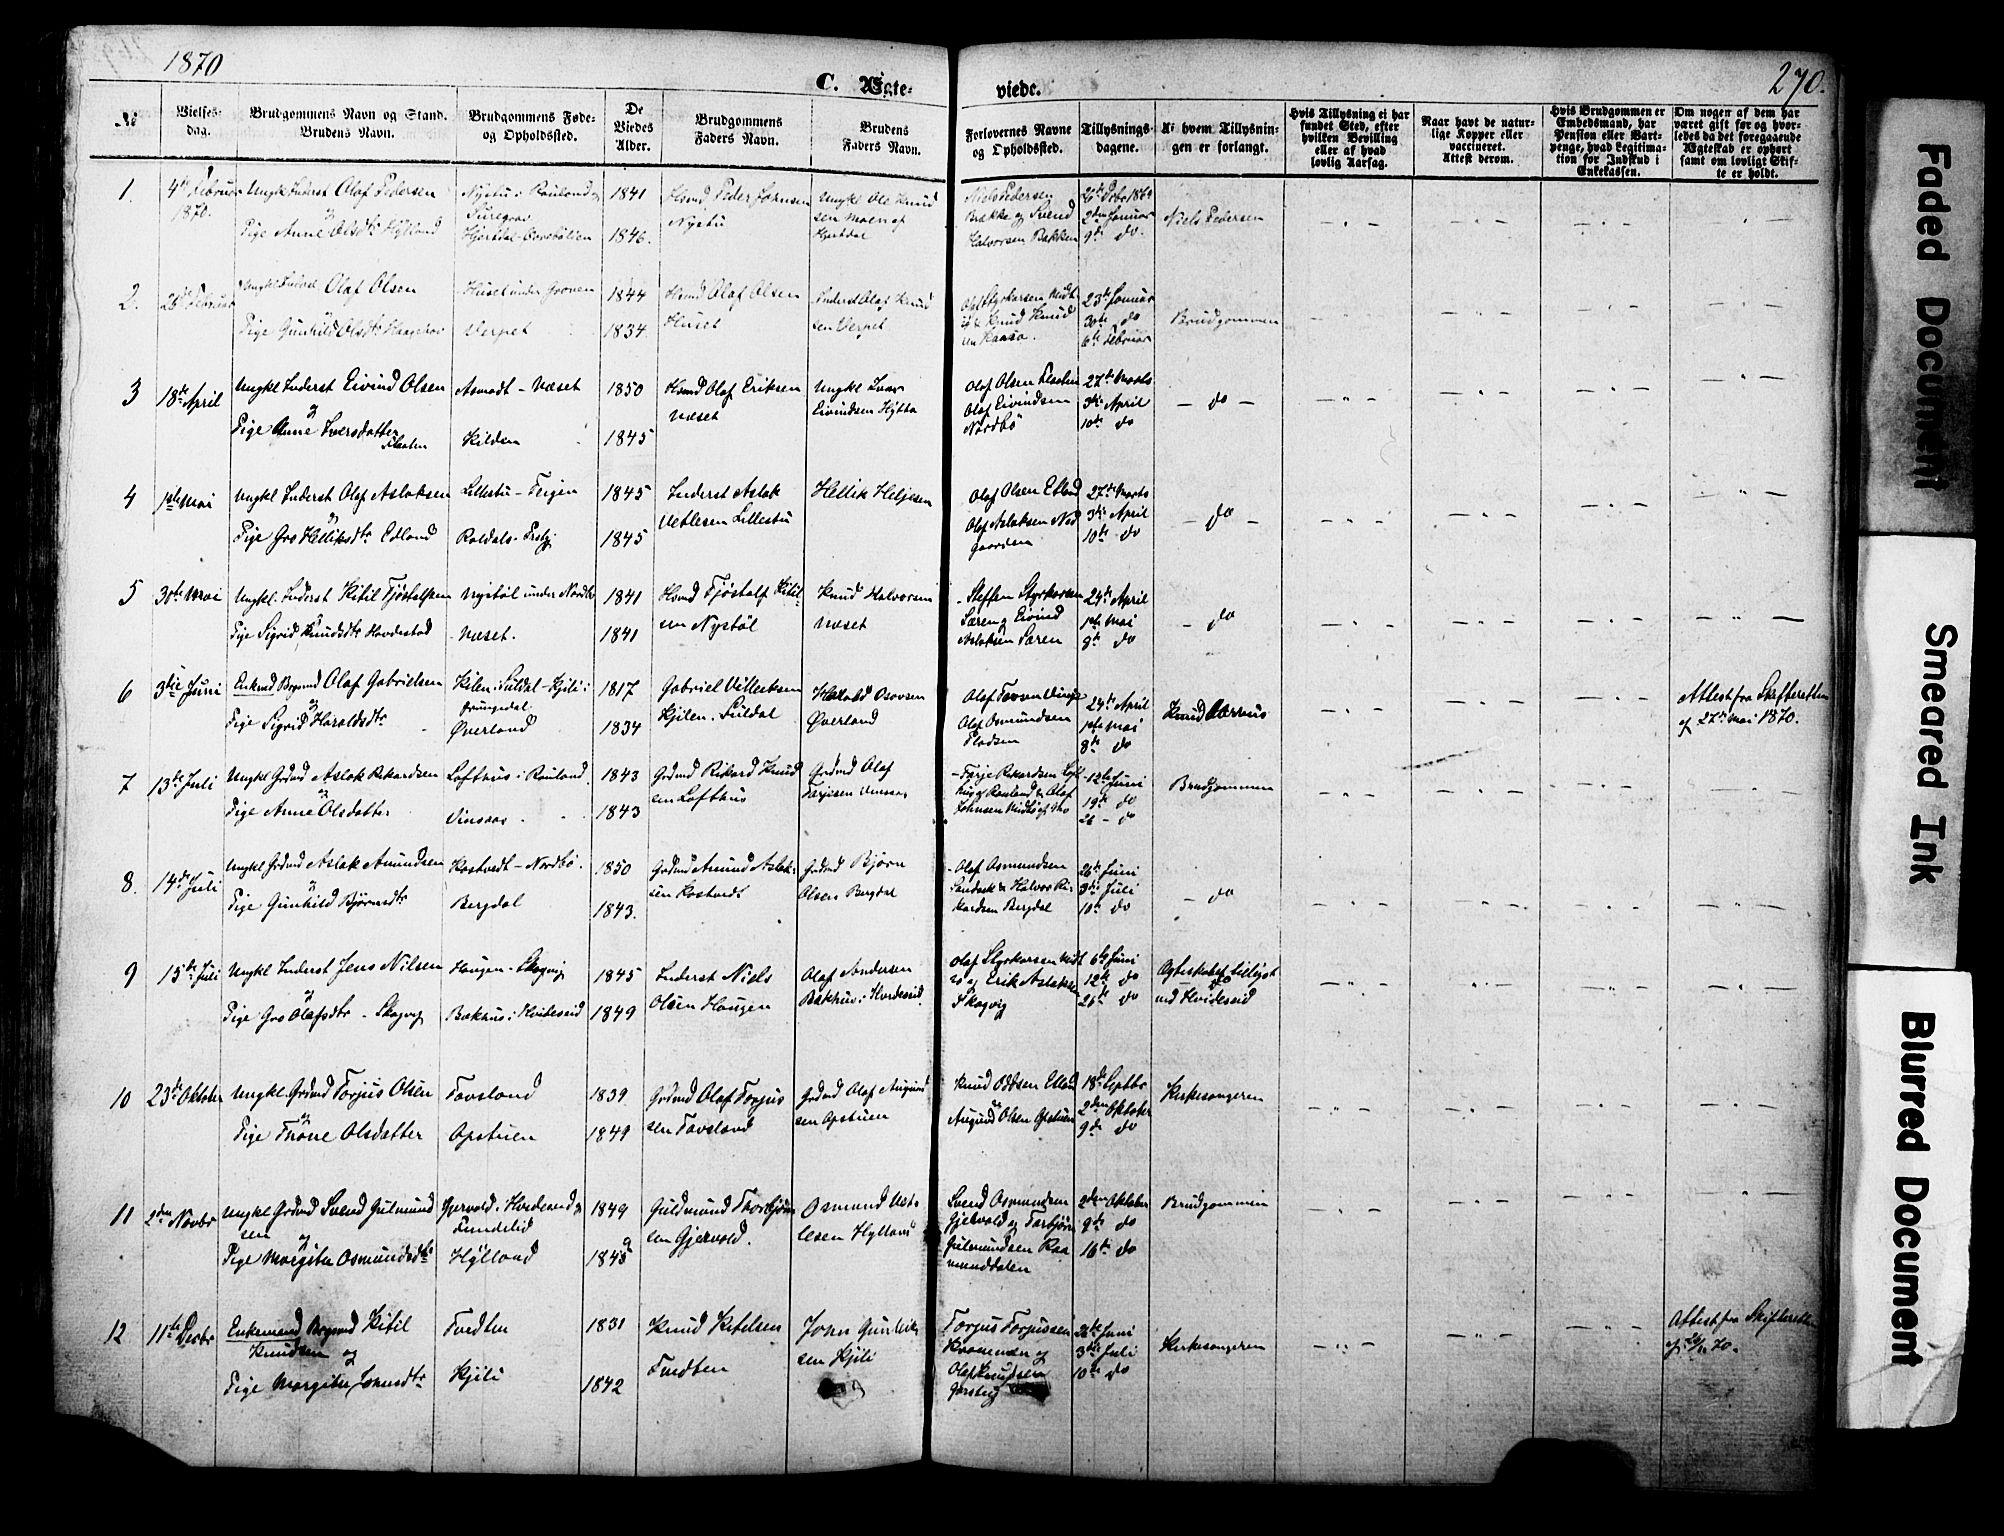 SAKO, Vinje kirkebøker, F/Fa/L0005: Ministerialbok nr. I 5, 1870-1886, s. 270